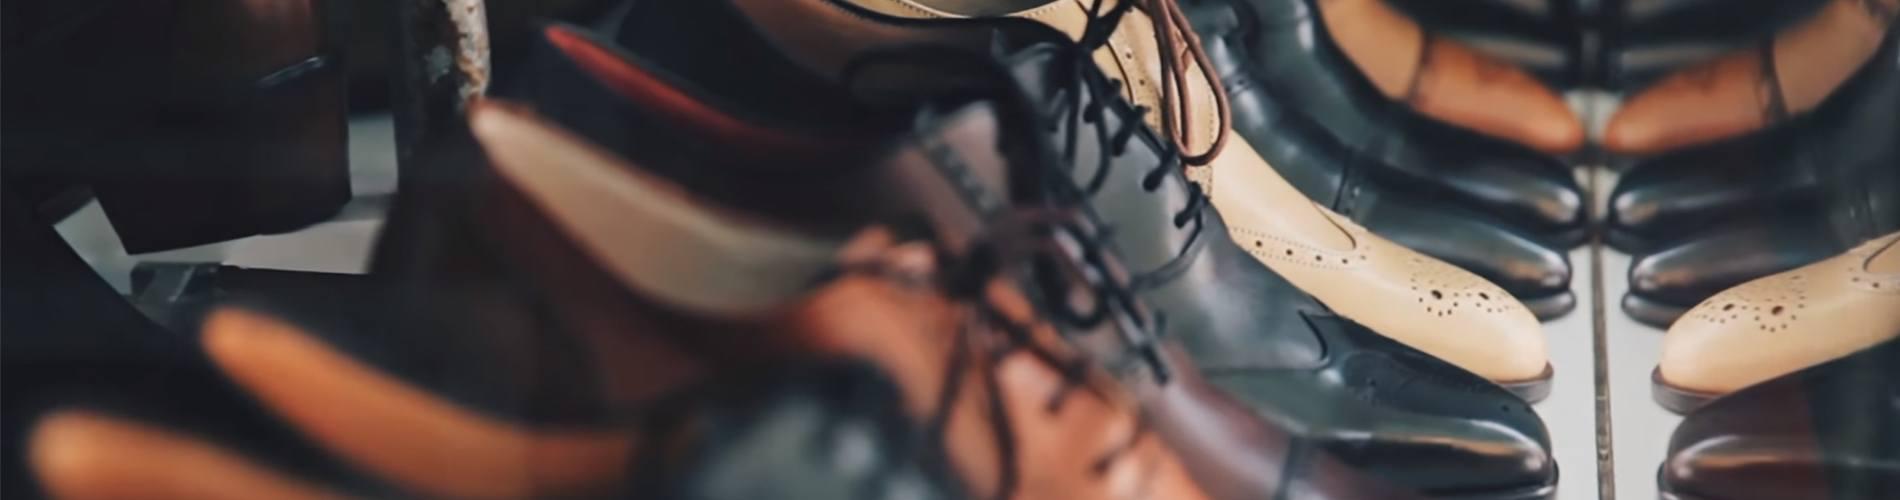 Sistema pdv para lojas de calçados e bolsas